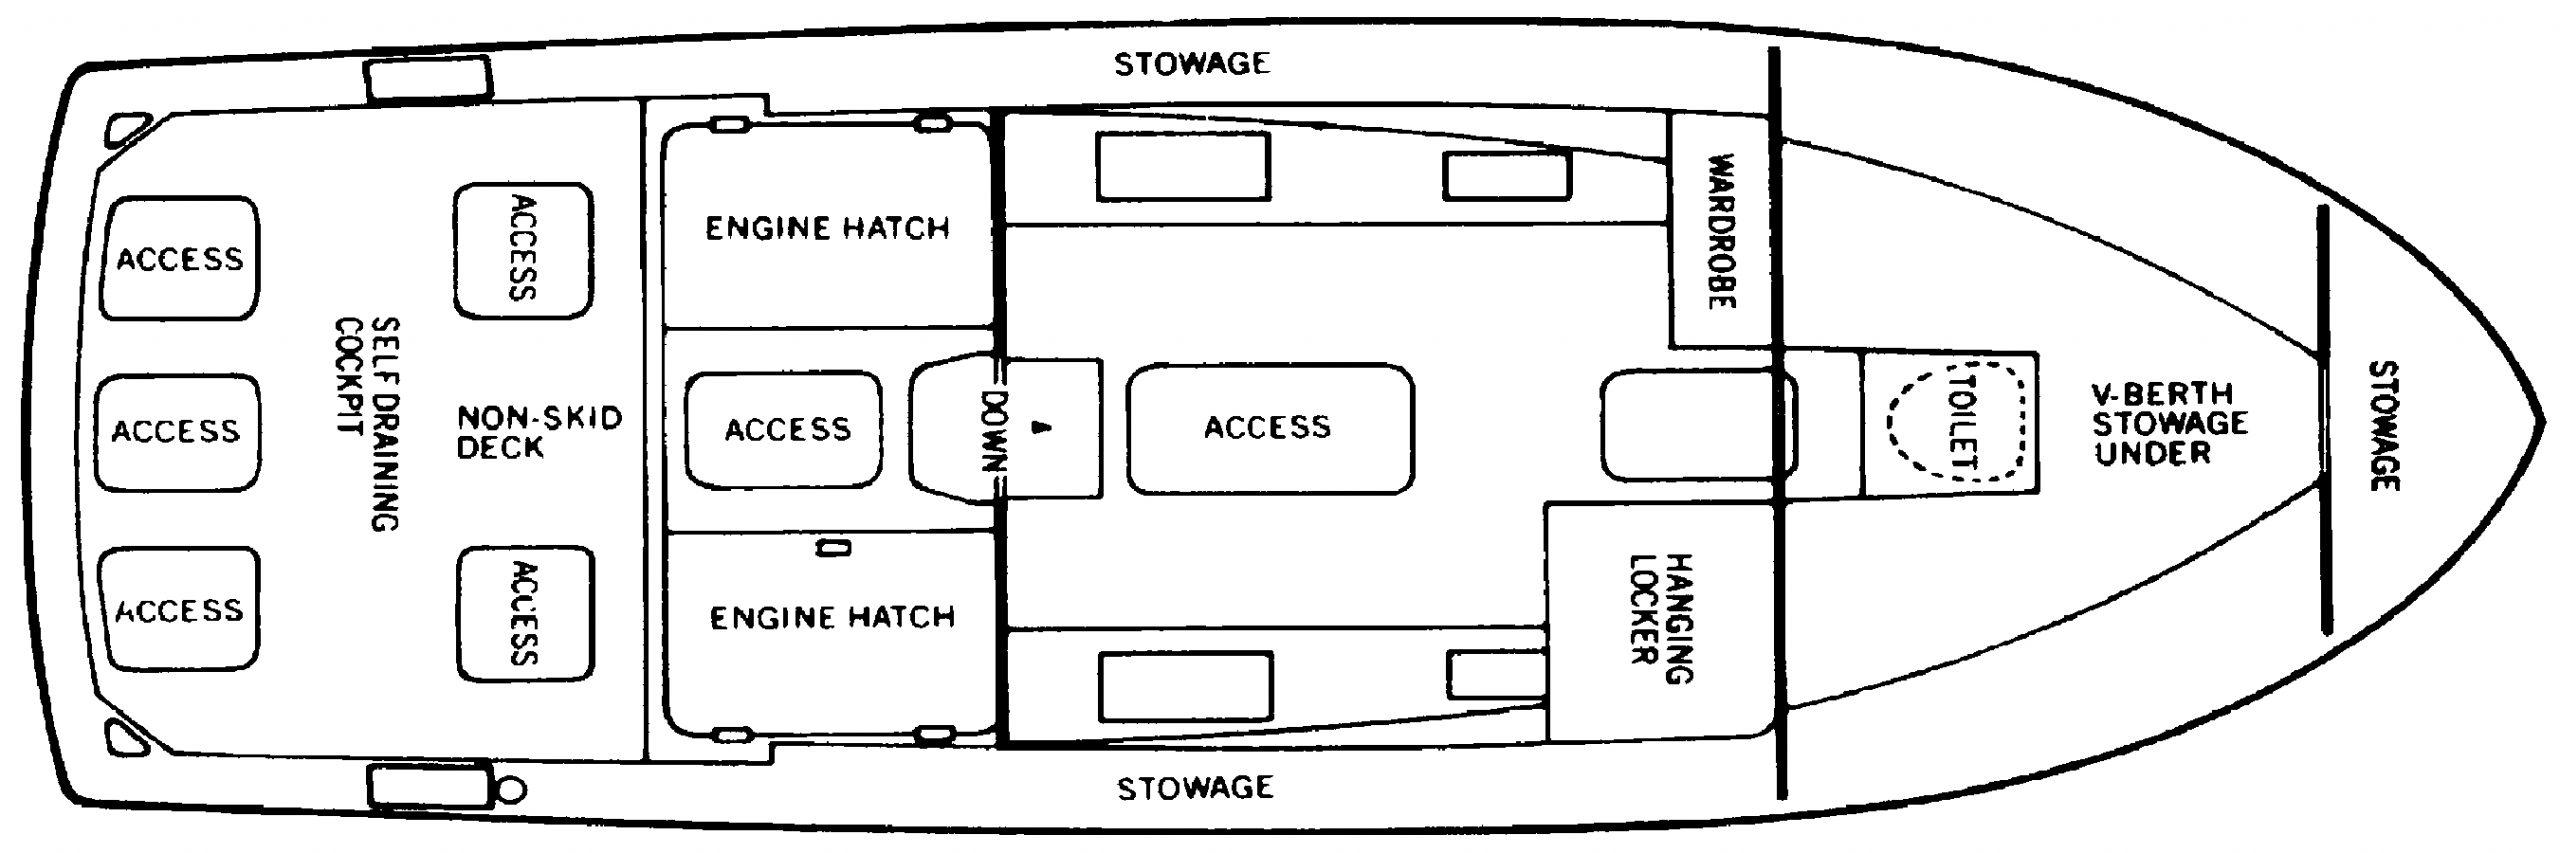 28 Sport Fisherman Floor Plan 1